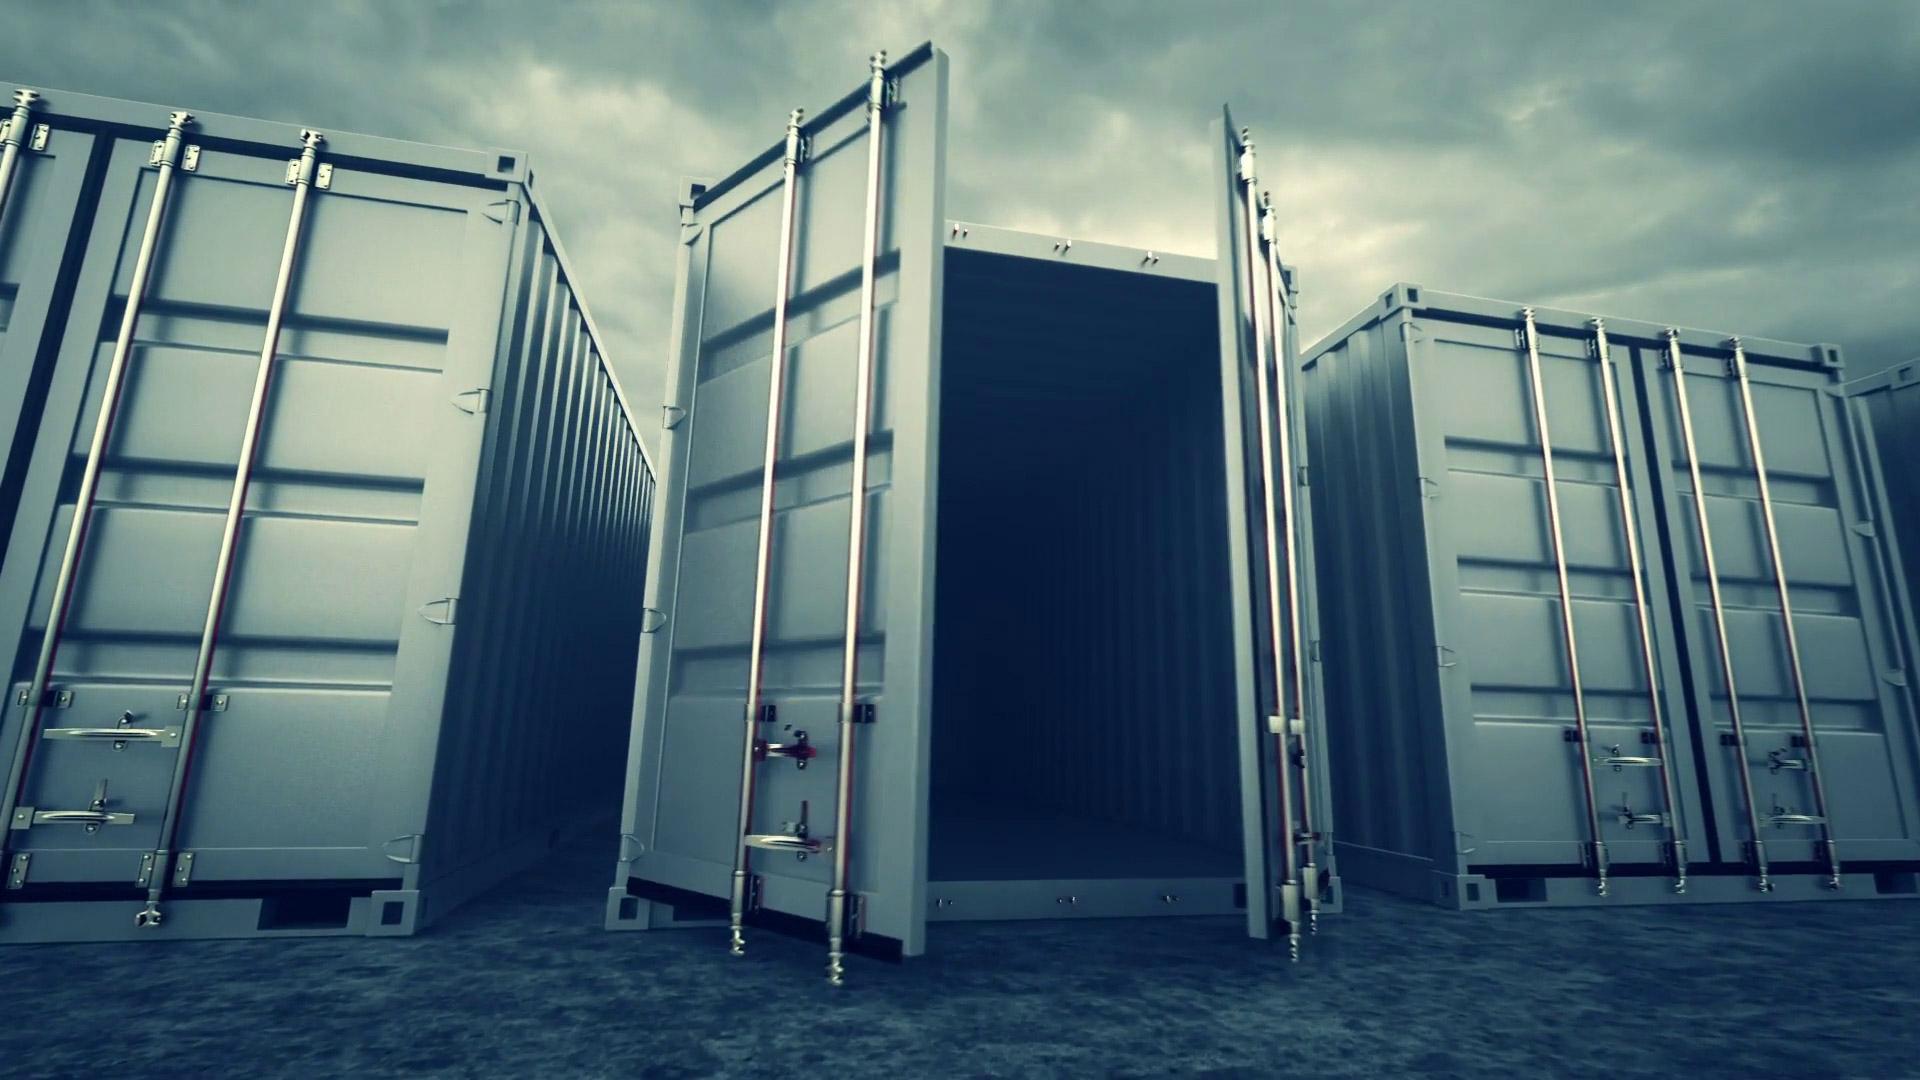 Magazyn Samoobsługowy Hale Boksy Self Storage Skrytki Przechowalnia Garaż na wynajem